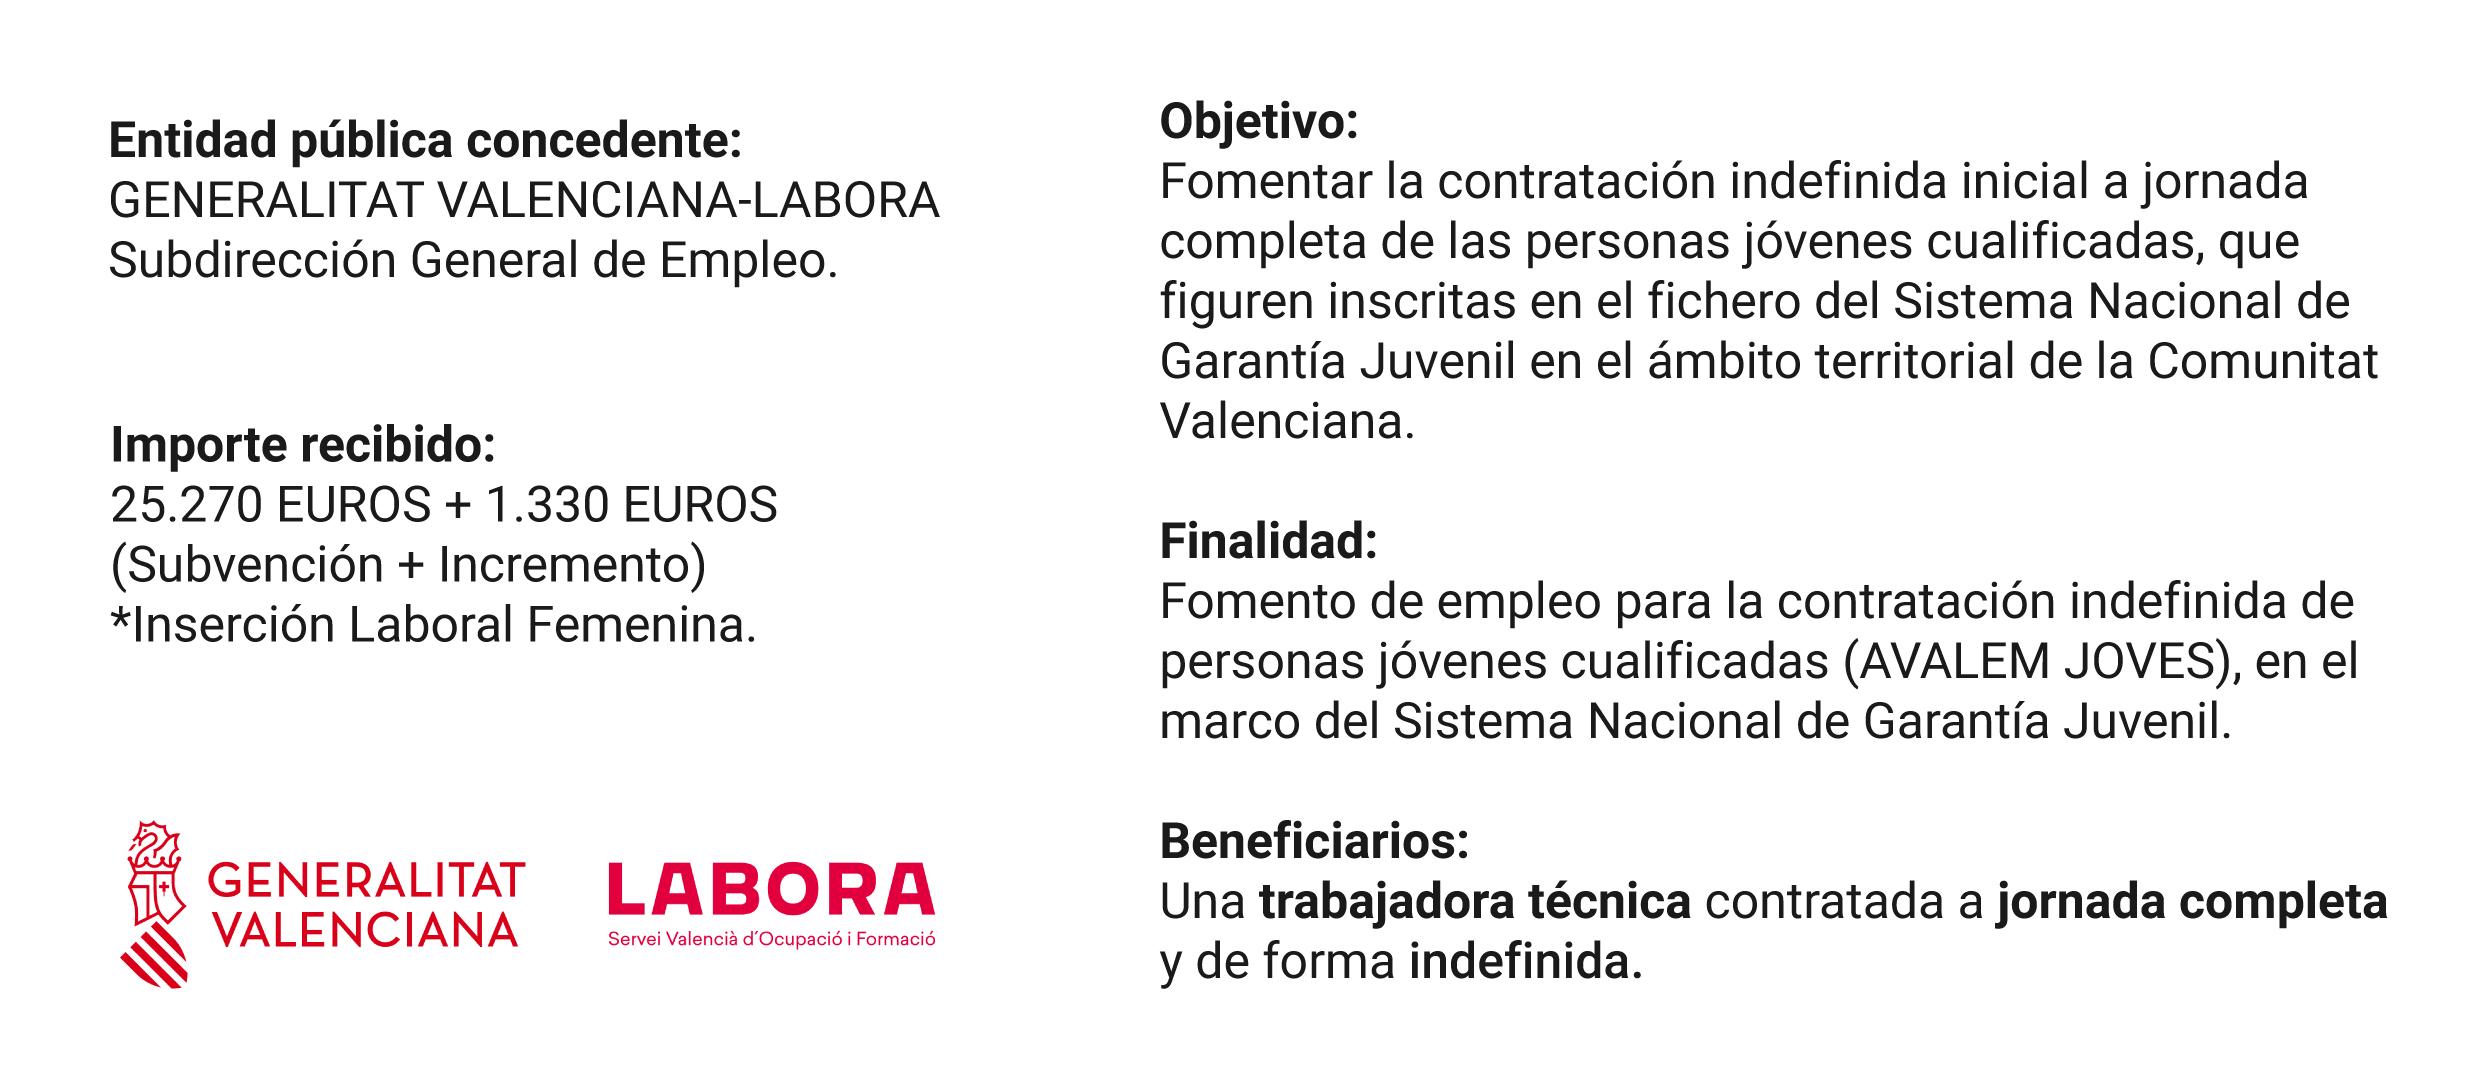 empleo-juvenil-formulacion-magistral-laboratorios-perello